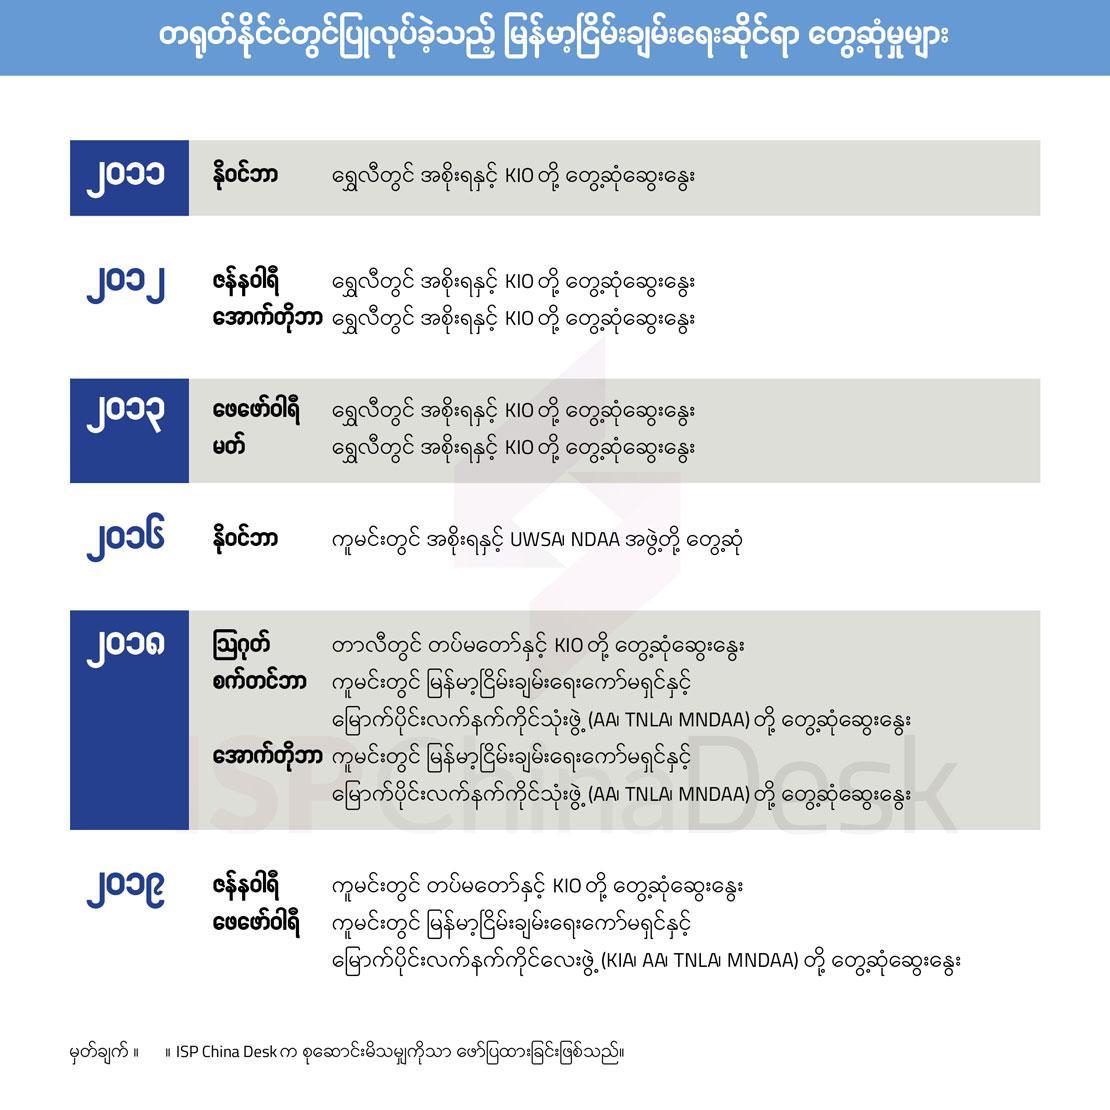 တရုတ်နိုင်ငံတွင်ပြုလုပ်ခဲ့သည့် မြန်မာ့ငြိမ်းချမ်းရေးဆိုင်ရာ တွေ့ဆုံမှုများ